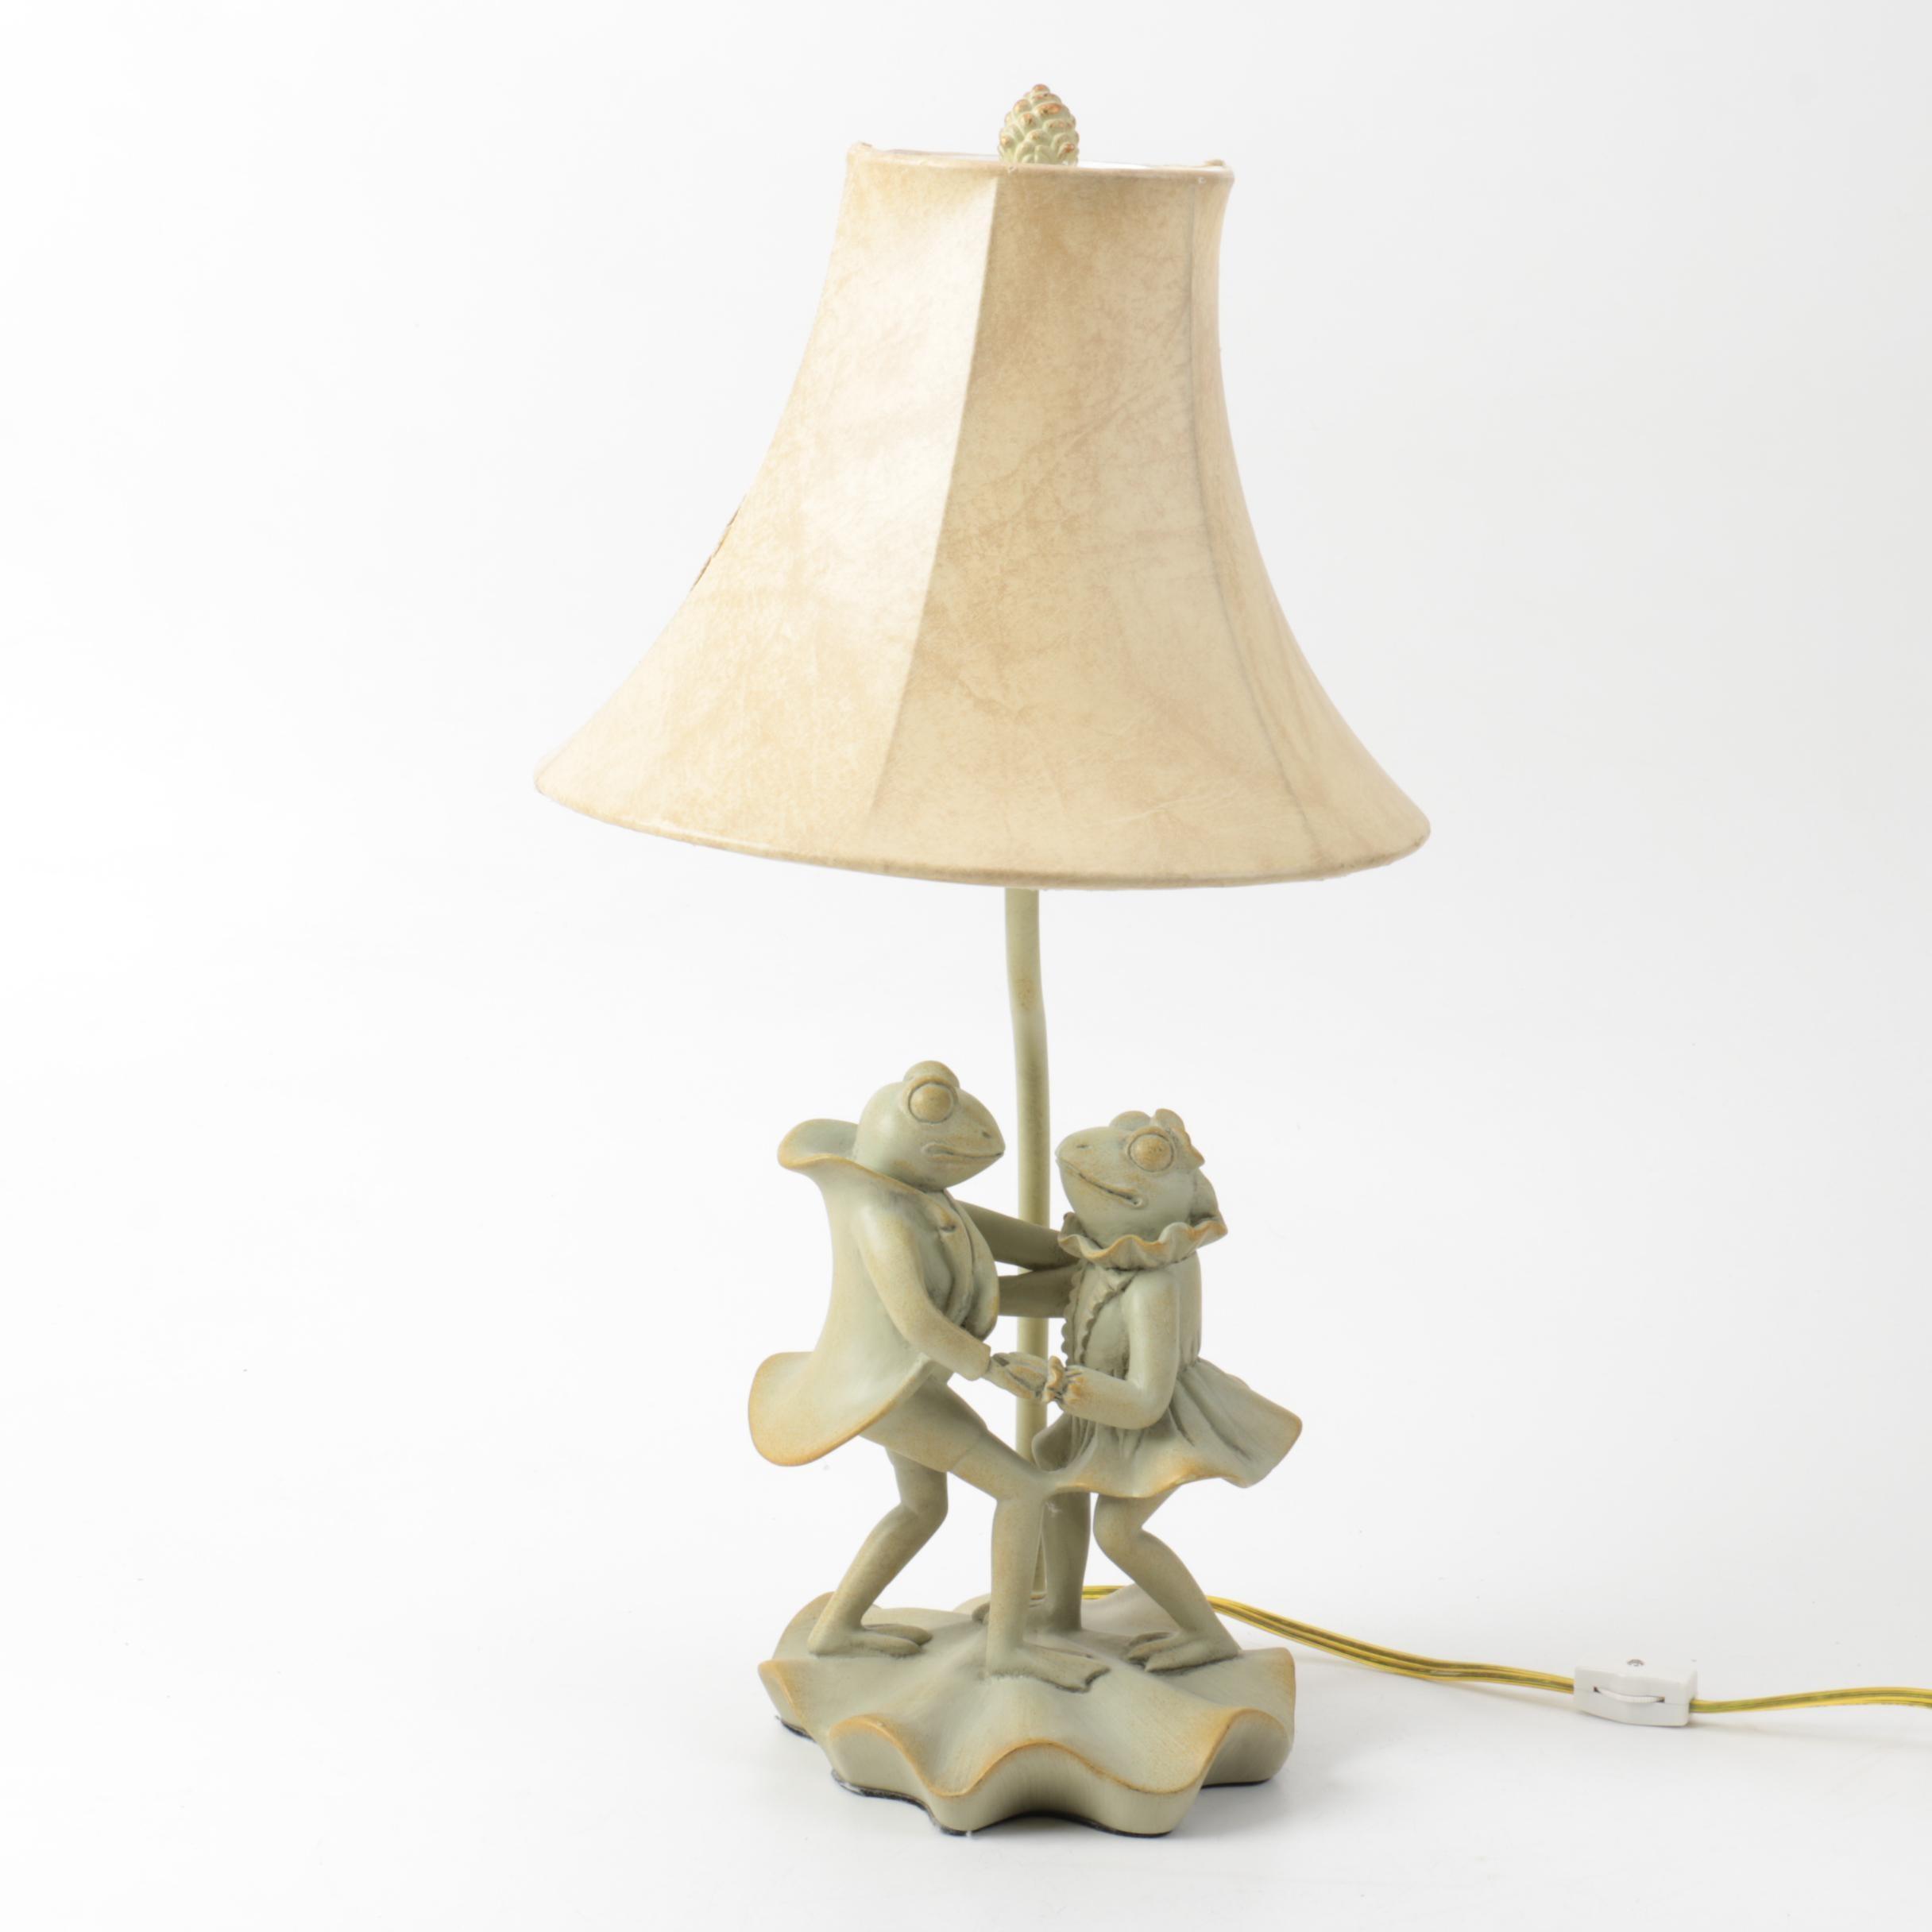 Ceramic Dancing Frog Couple Table Lamp